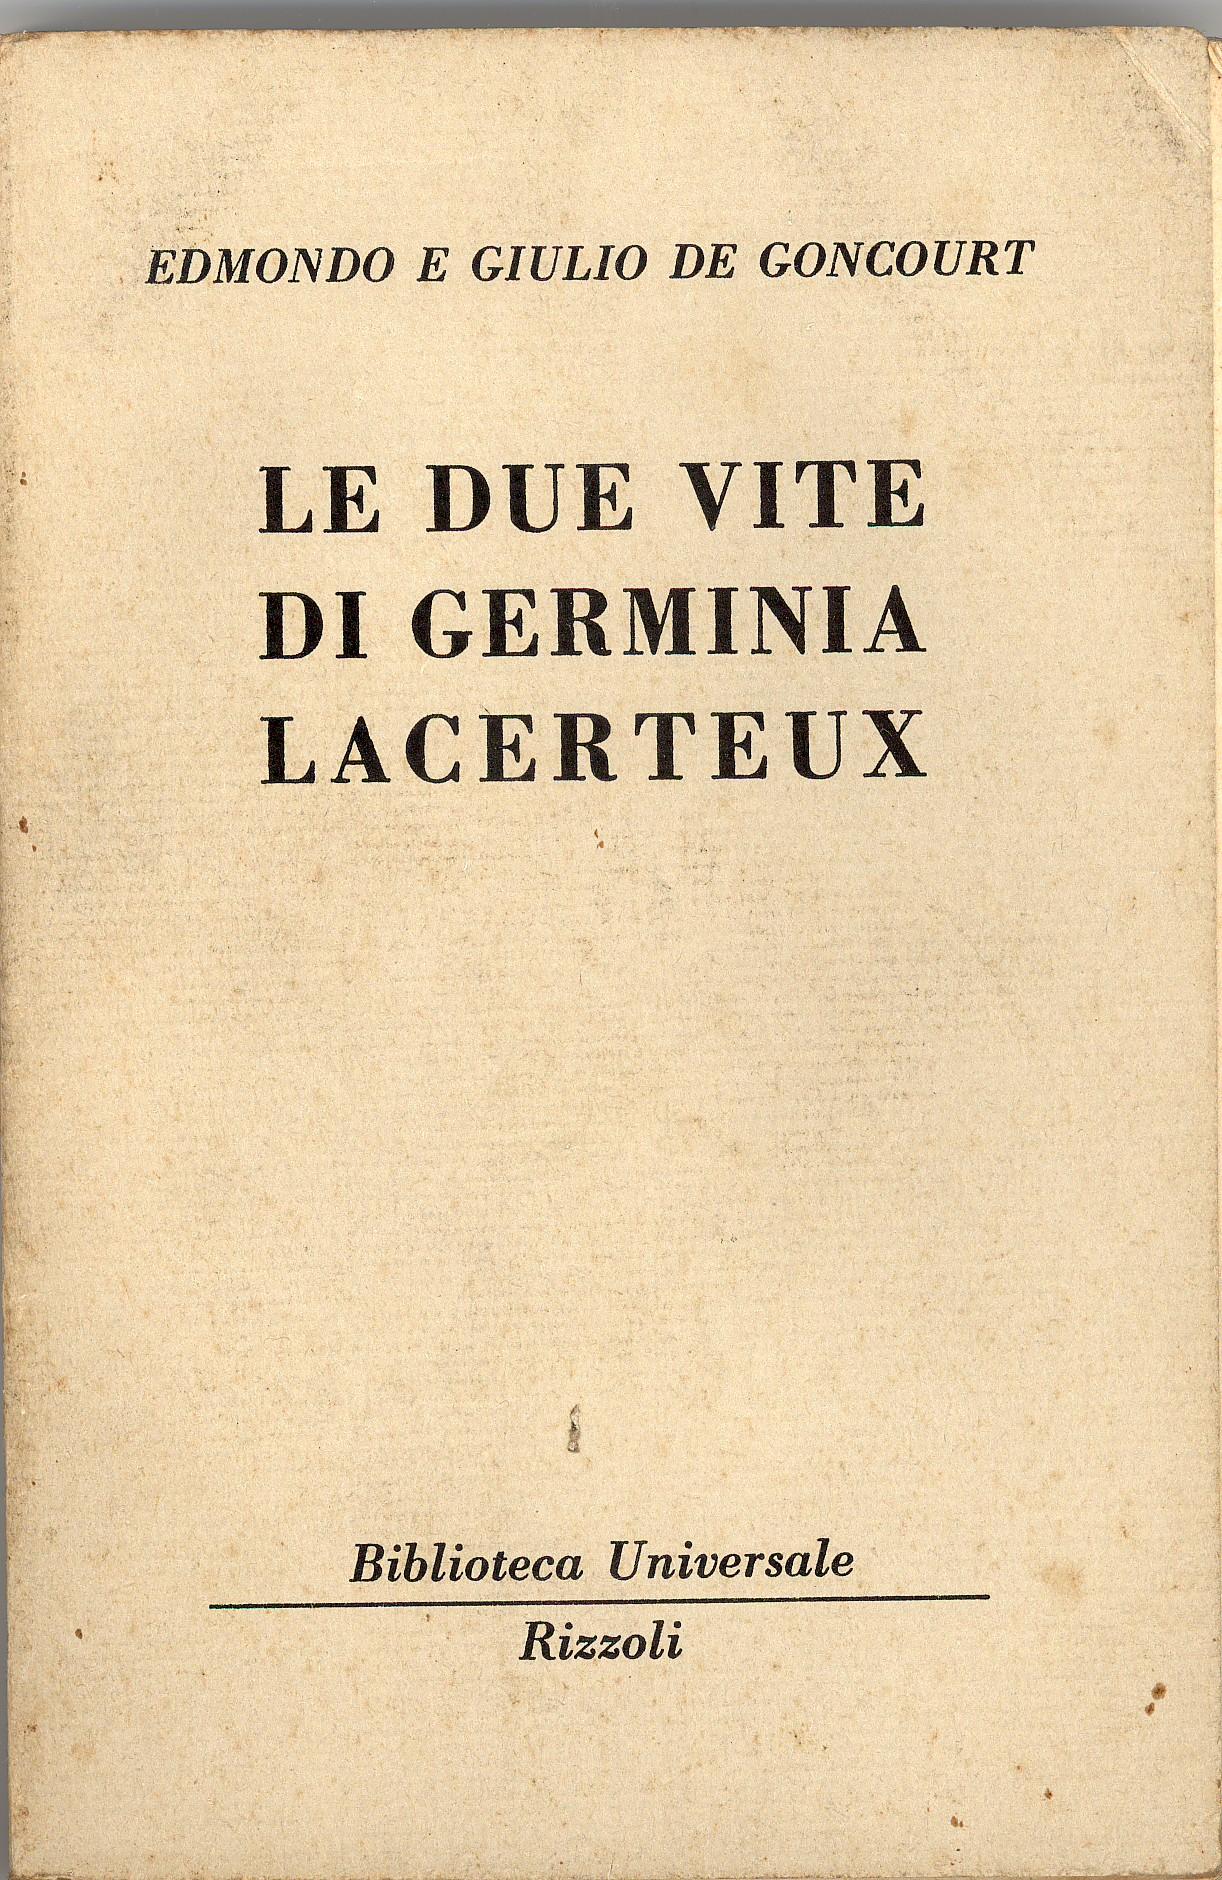 Le due vite di Germinia Lacerteux